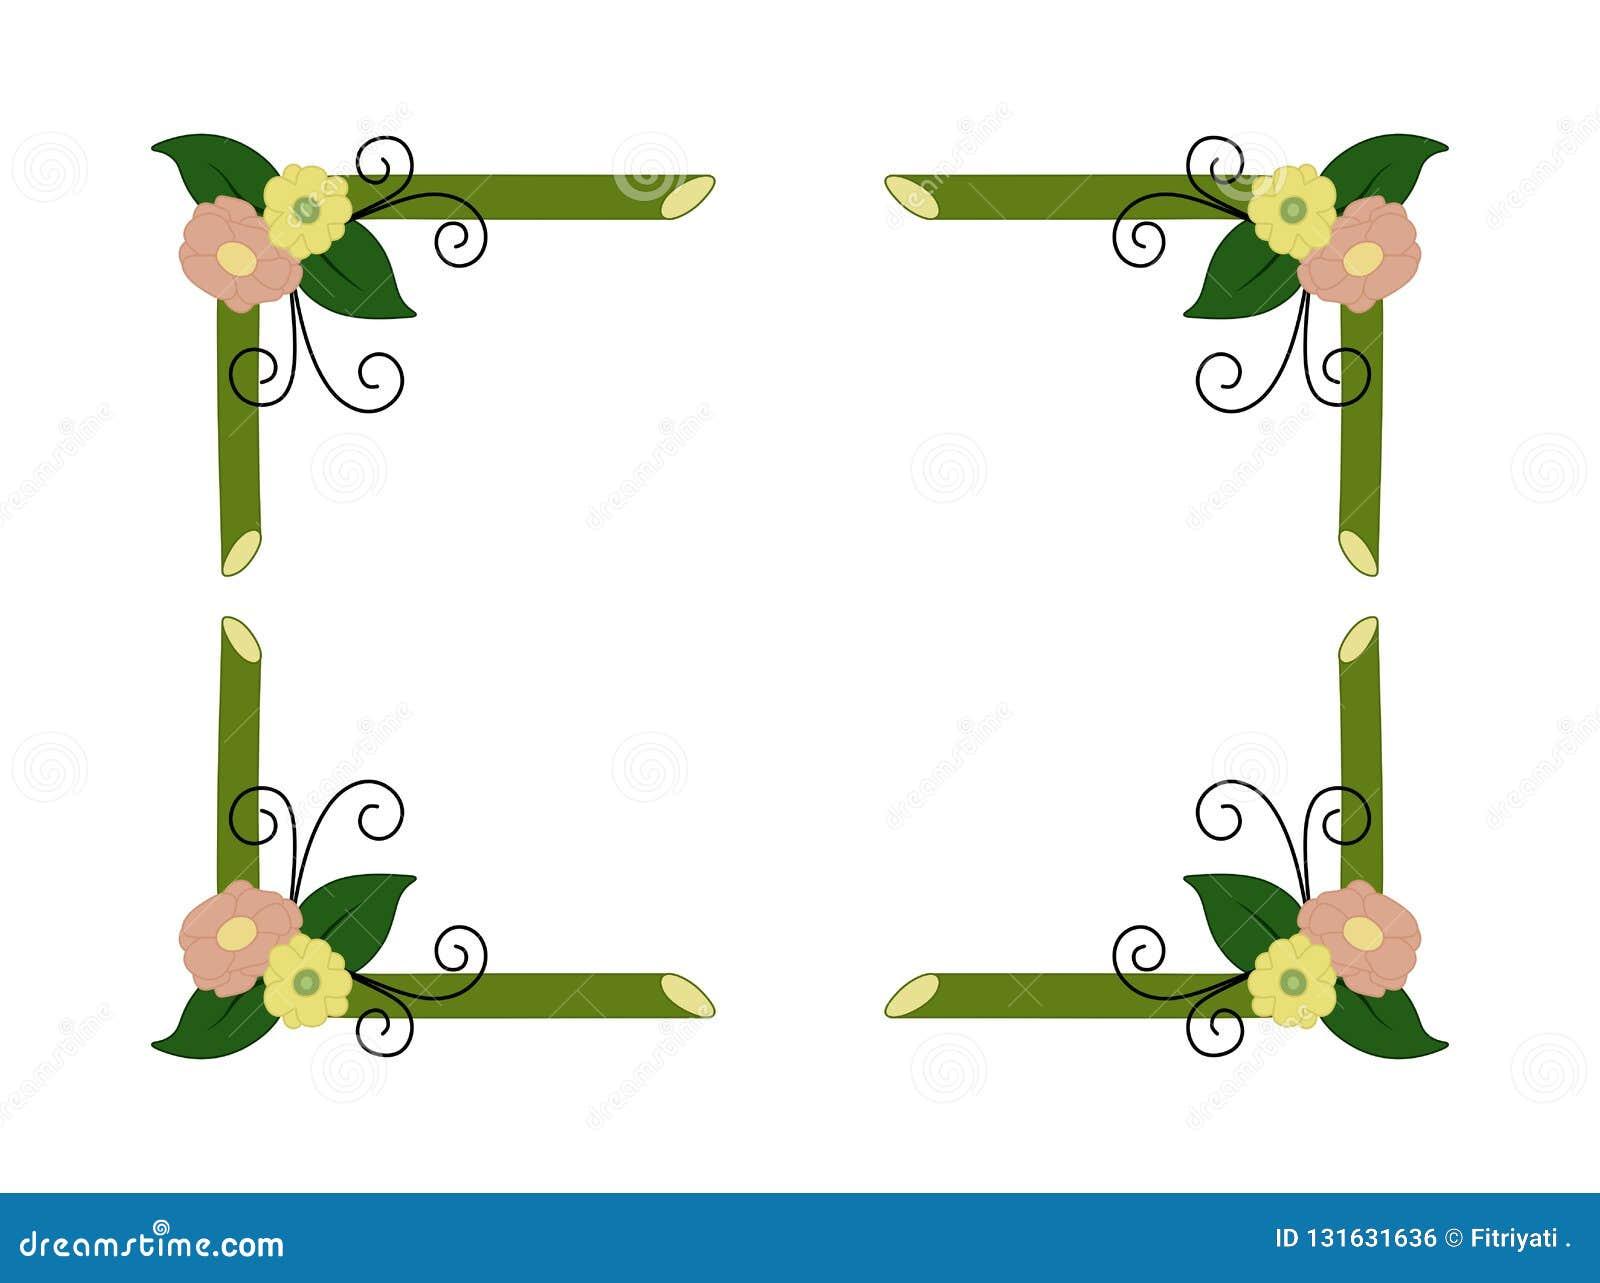 Clip Art Bamboo Border Design